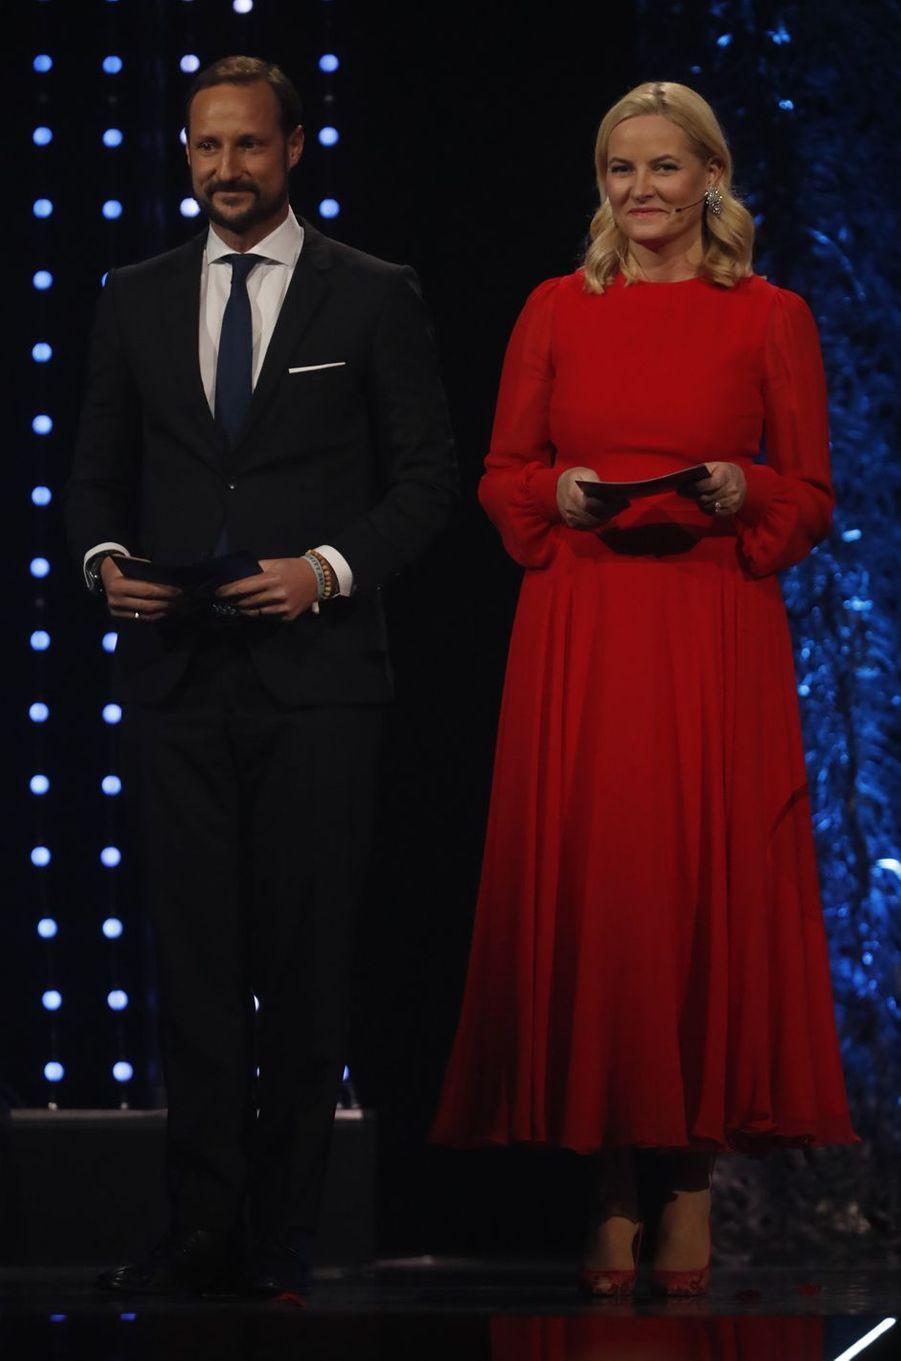 La princesse Mette-Marit et le prince Haakon de Norvège à Hamar, le 6 janvier 2018